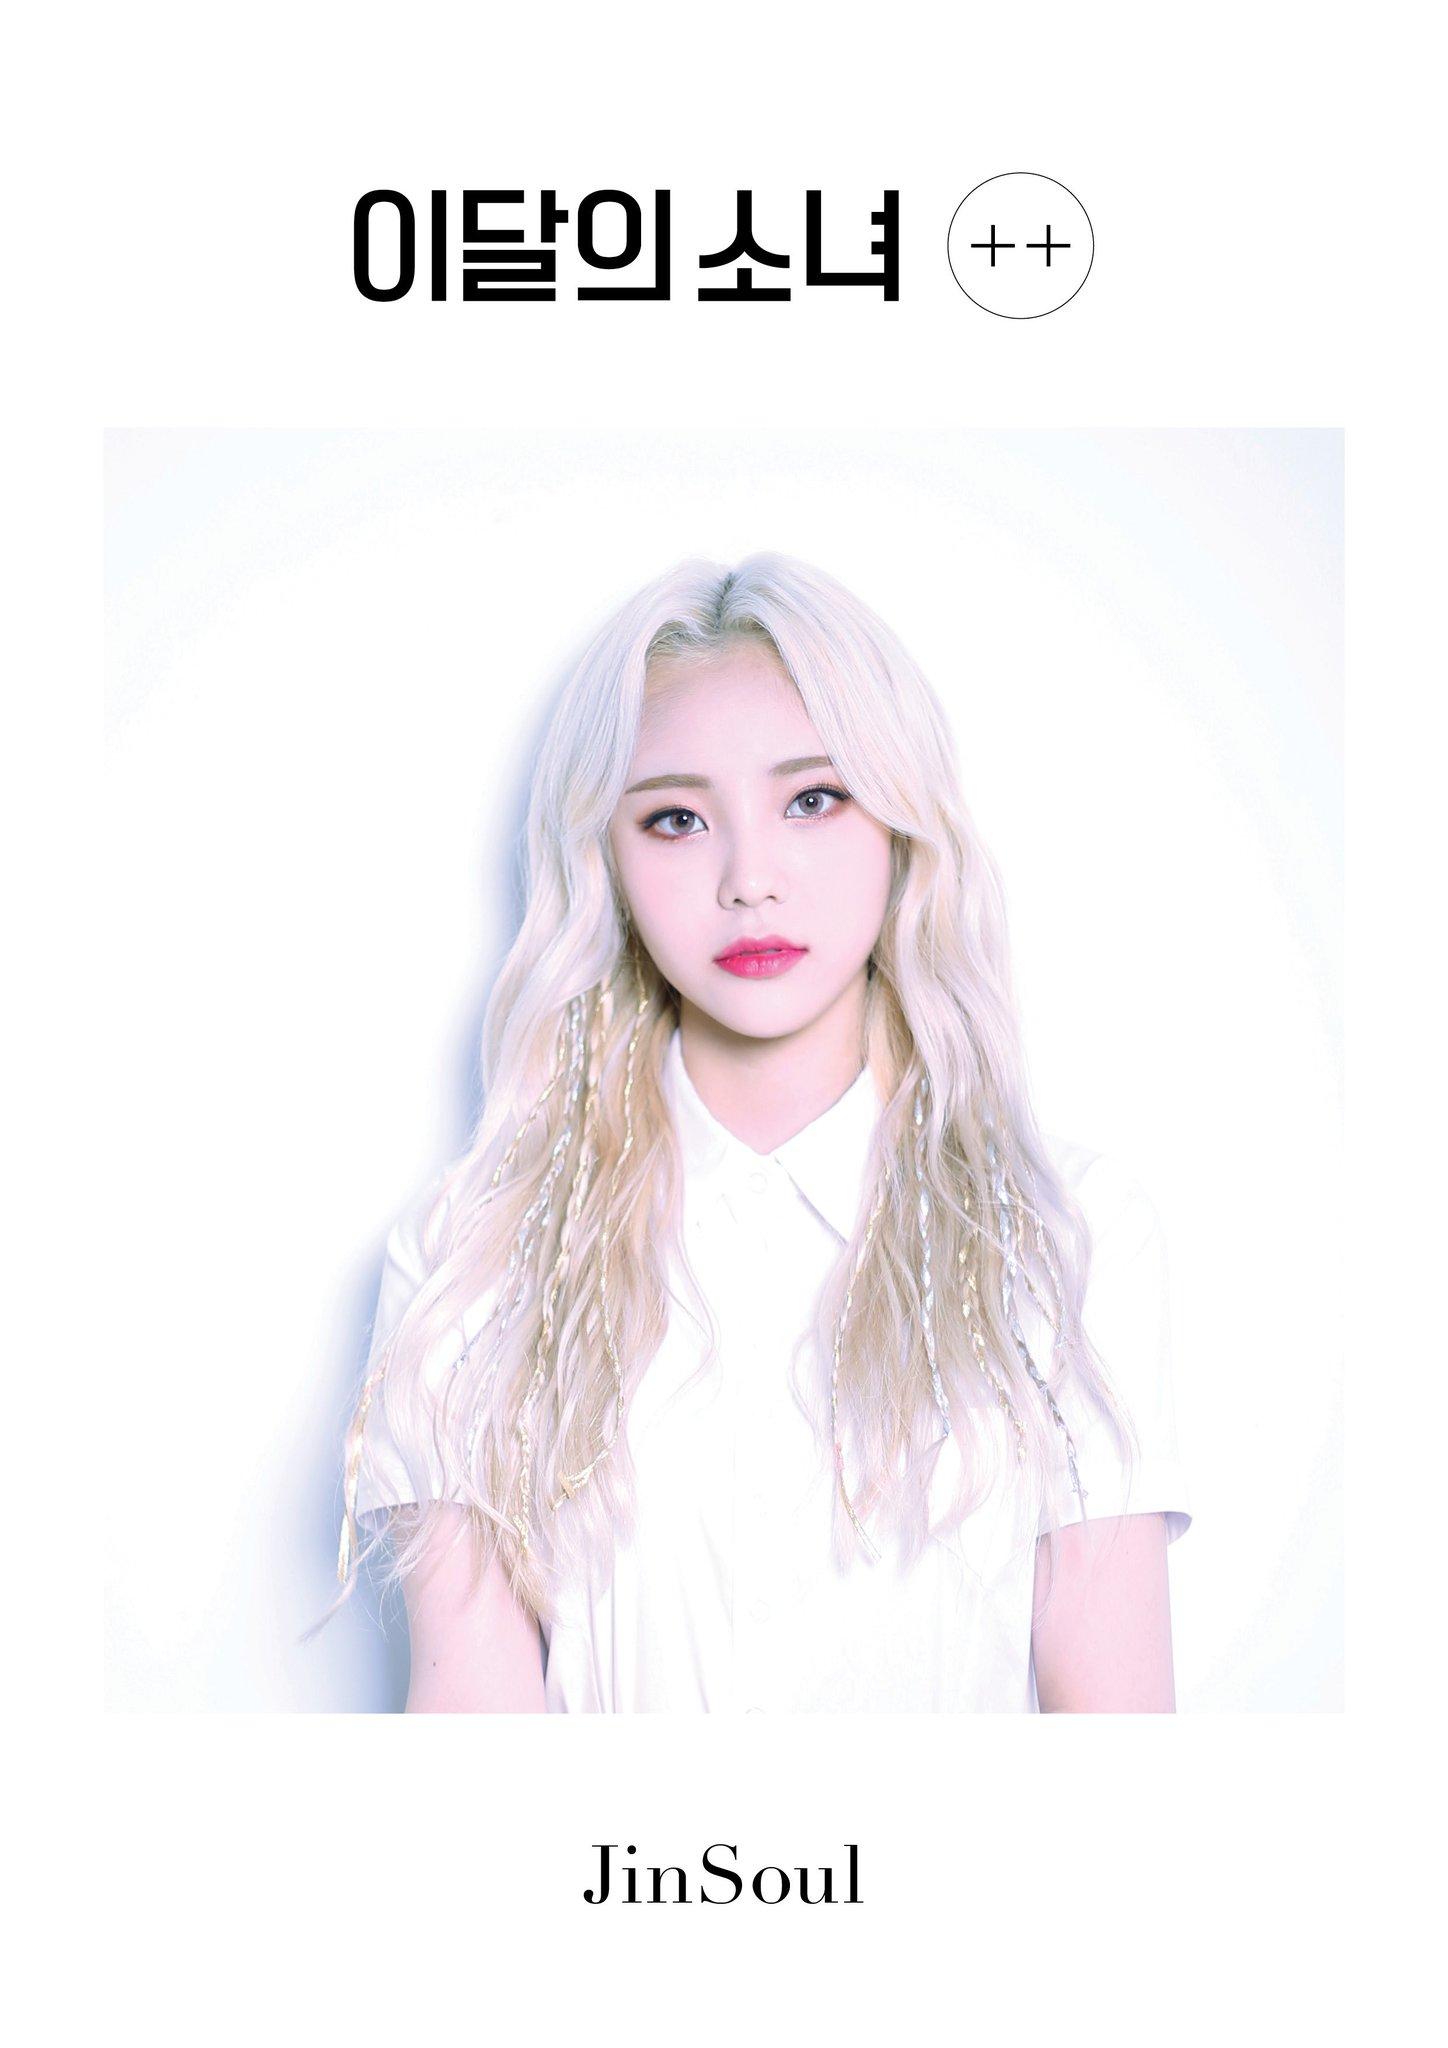 #이달의소녀 [+ +] #JinSoul ☔️  #LOONA #진솔  LOOΠΔ https://t.co/5CfbXI886V https://t.co/sqj4EOqOws